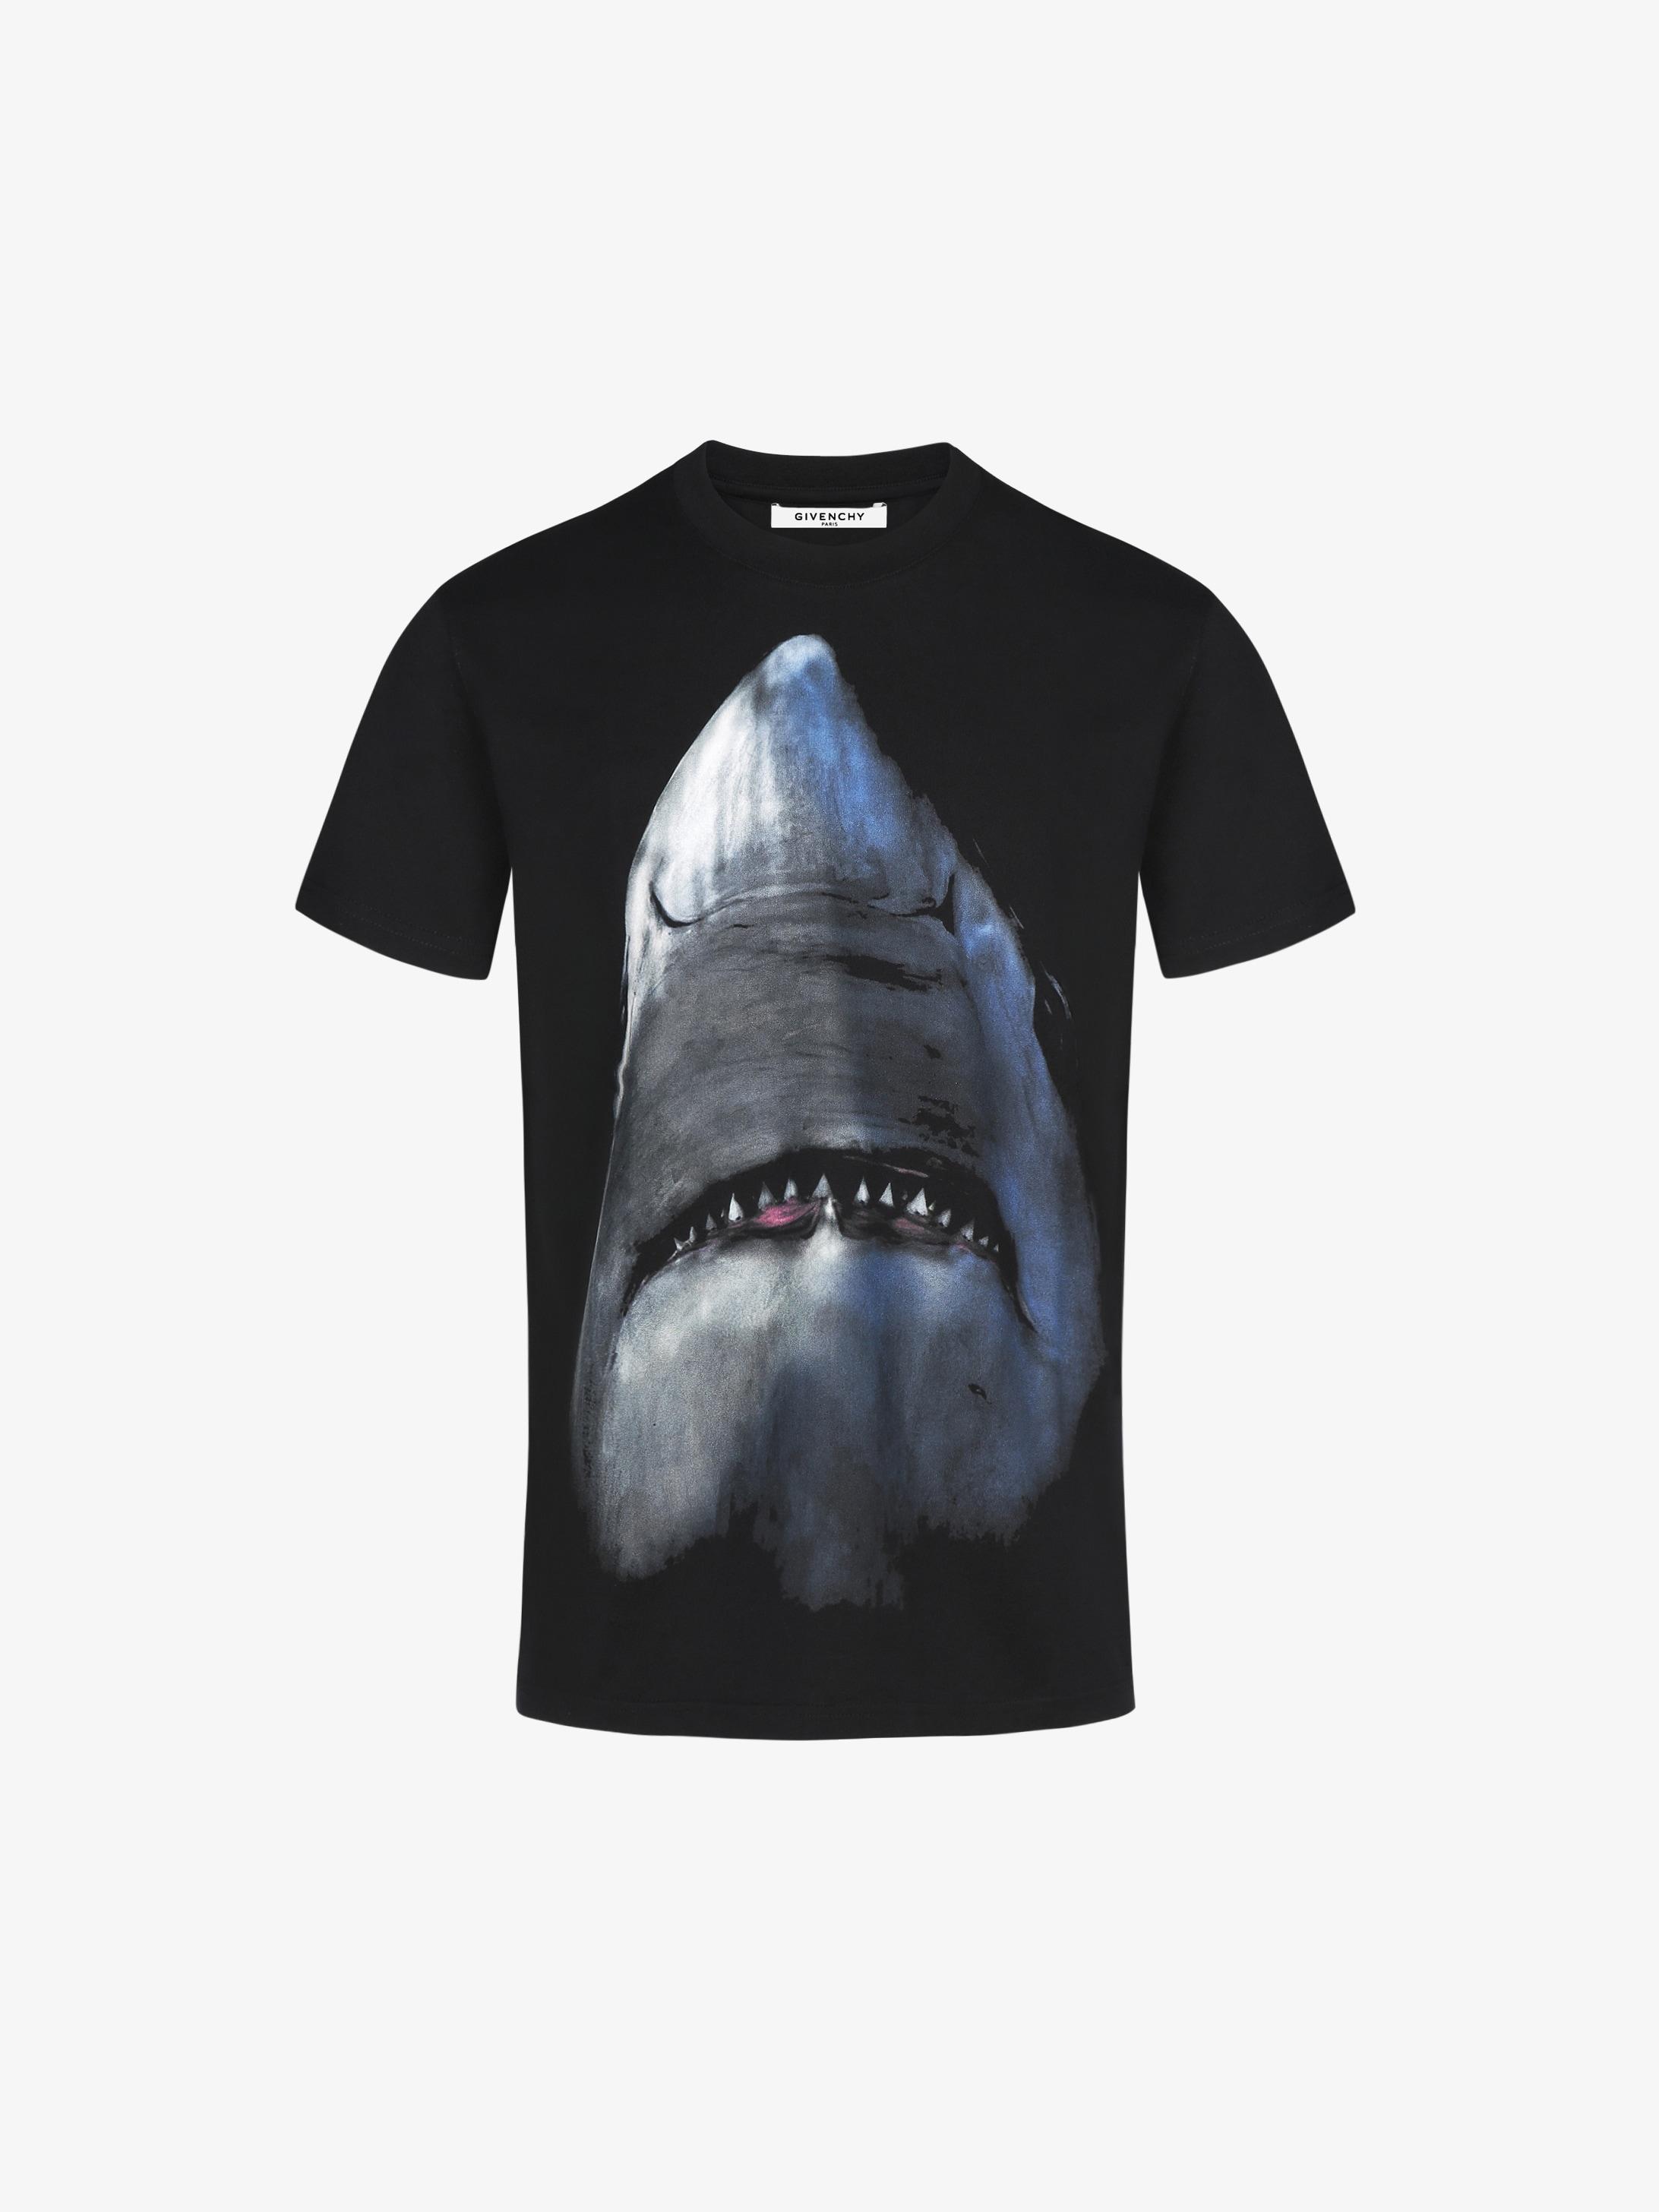 Givenchy Shark Printed T Shirt Givenchy Paris